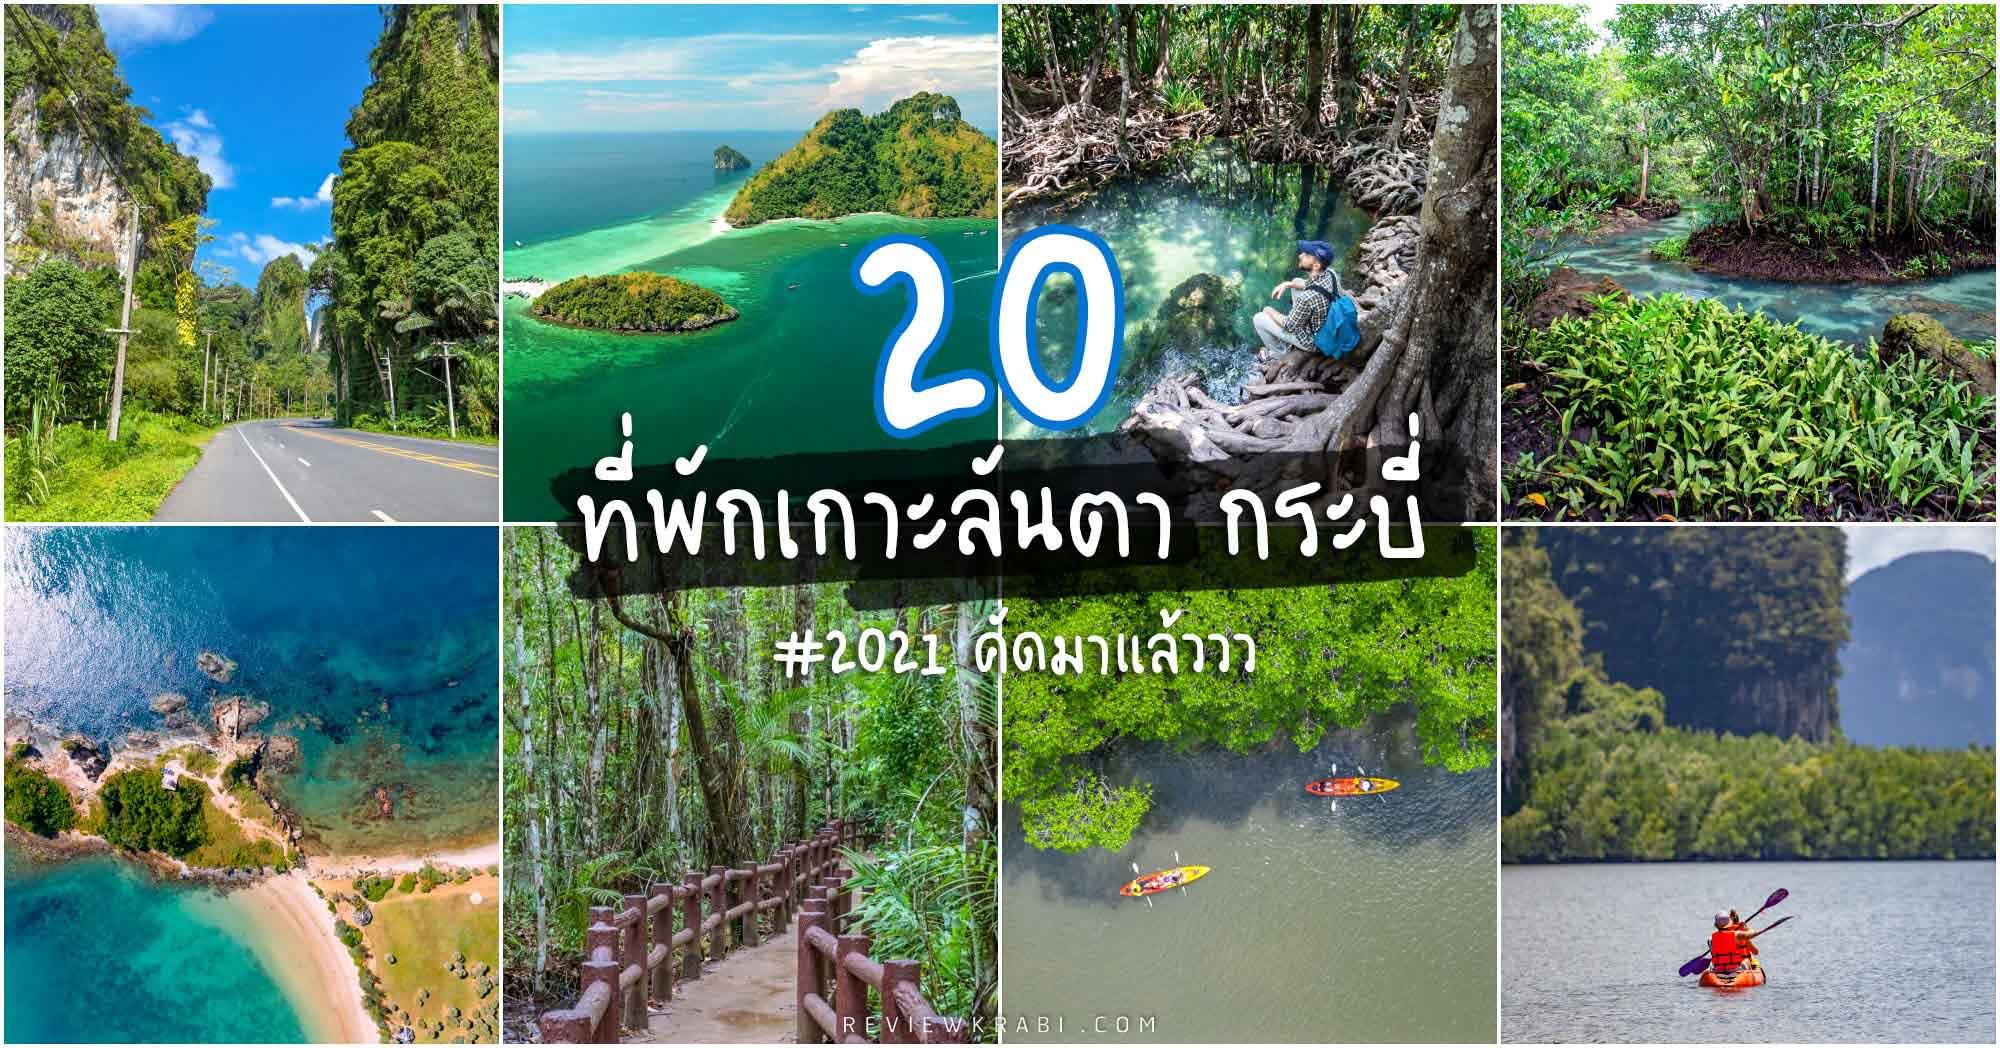 20 ที่พักเกาะลันตา กระบี่ อัพเดทล่าสุด 2564 ธรรมชาติสีเขียว ทะเลวิวสวยๆ บรรยากาศดีๆ ร่มรื่น เงียบสงบเหมือนมีหาดส่วนตัว ต้องมาเช็คอิน